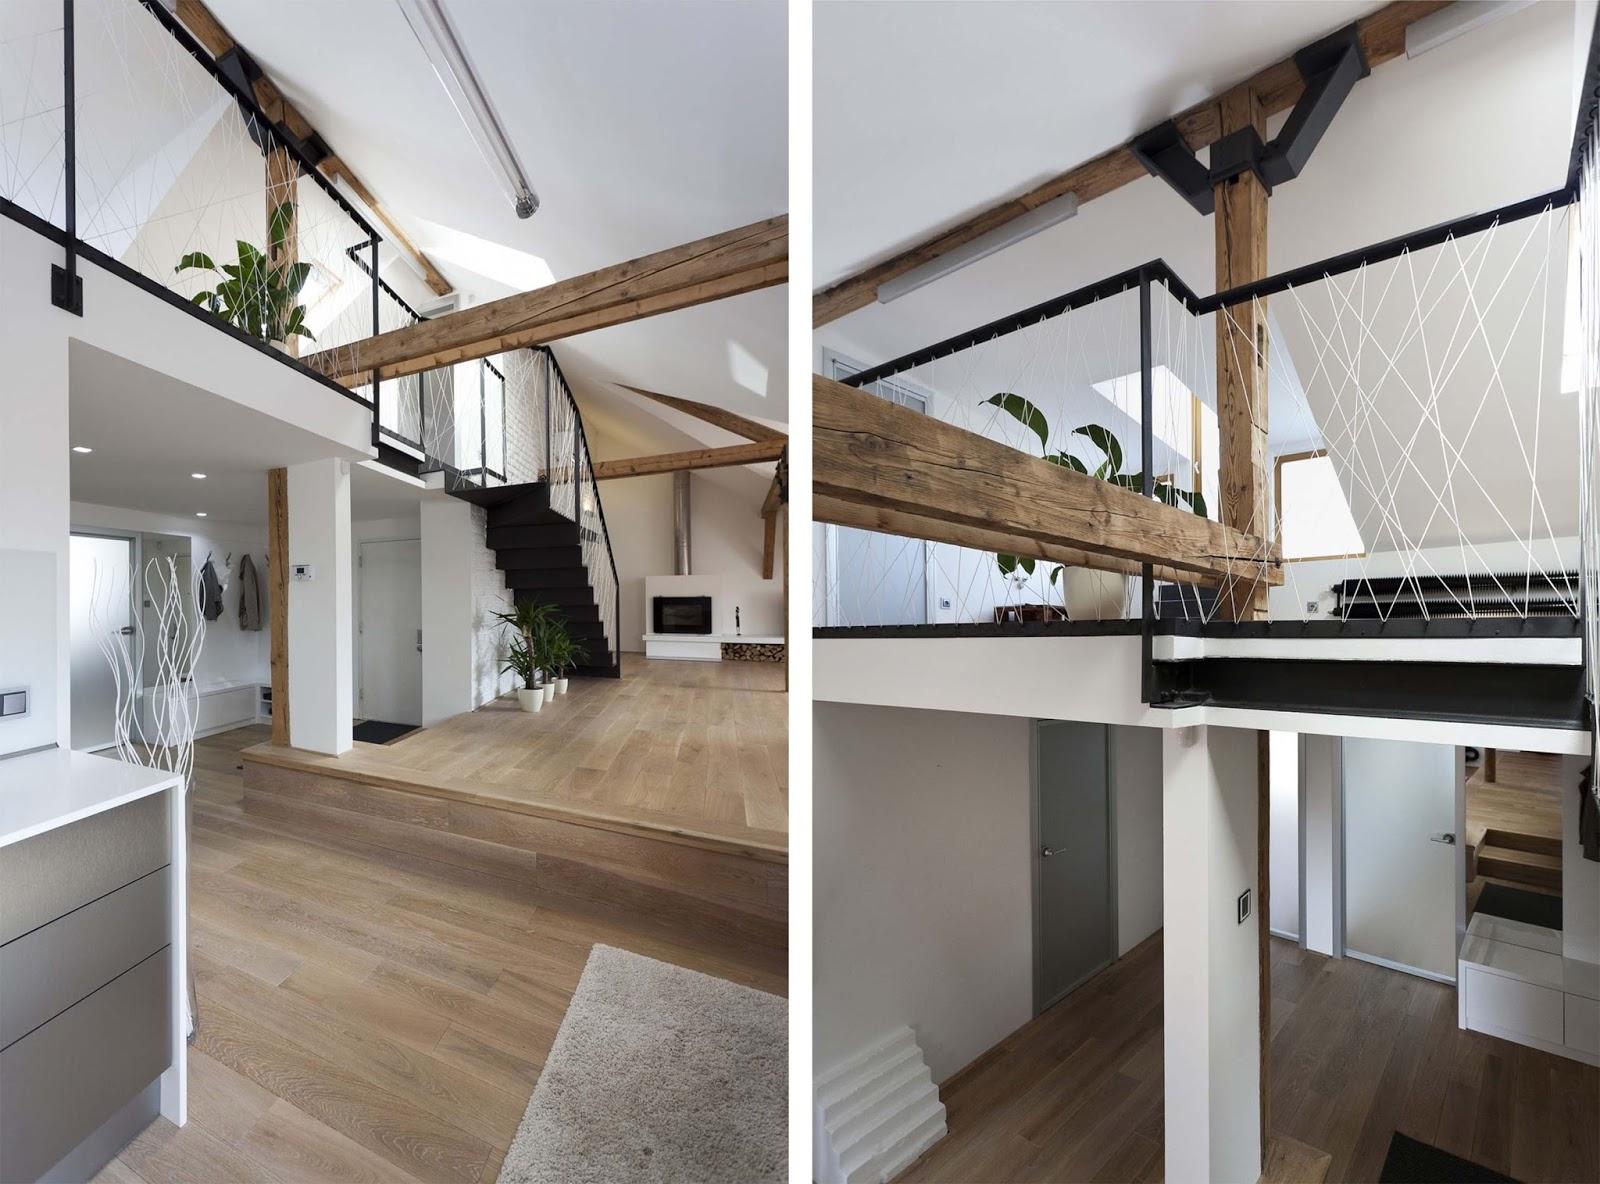 Soffitto Travi Bianche : Soffitto in legno bianco e pietra a vista ...